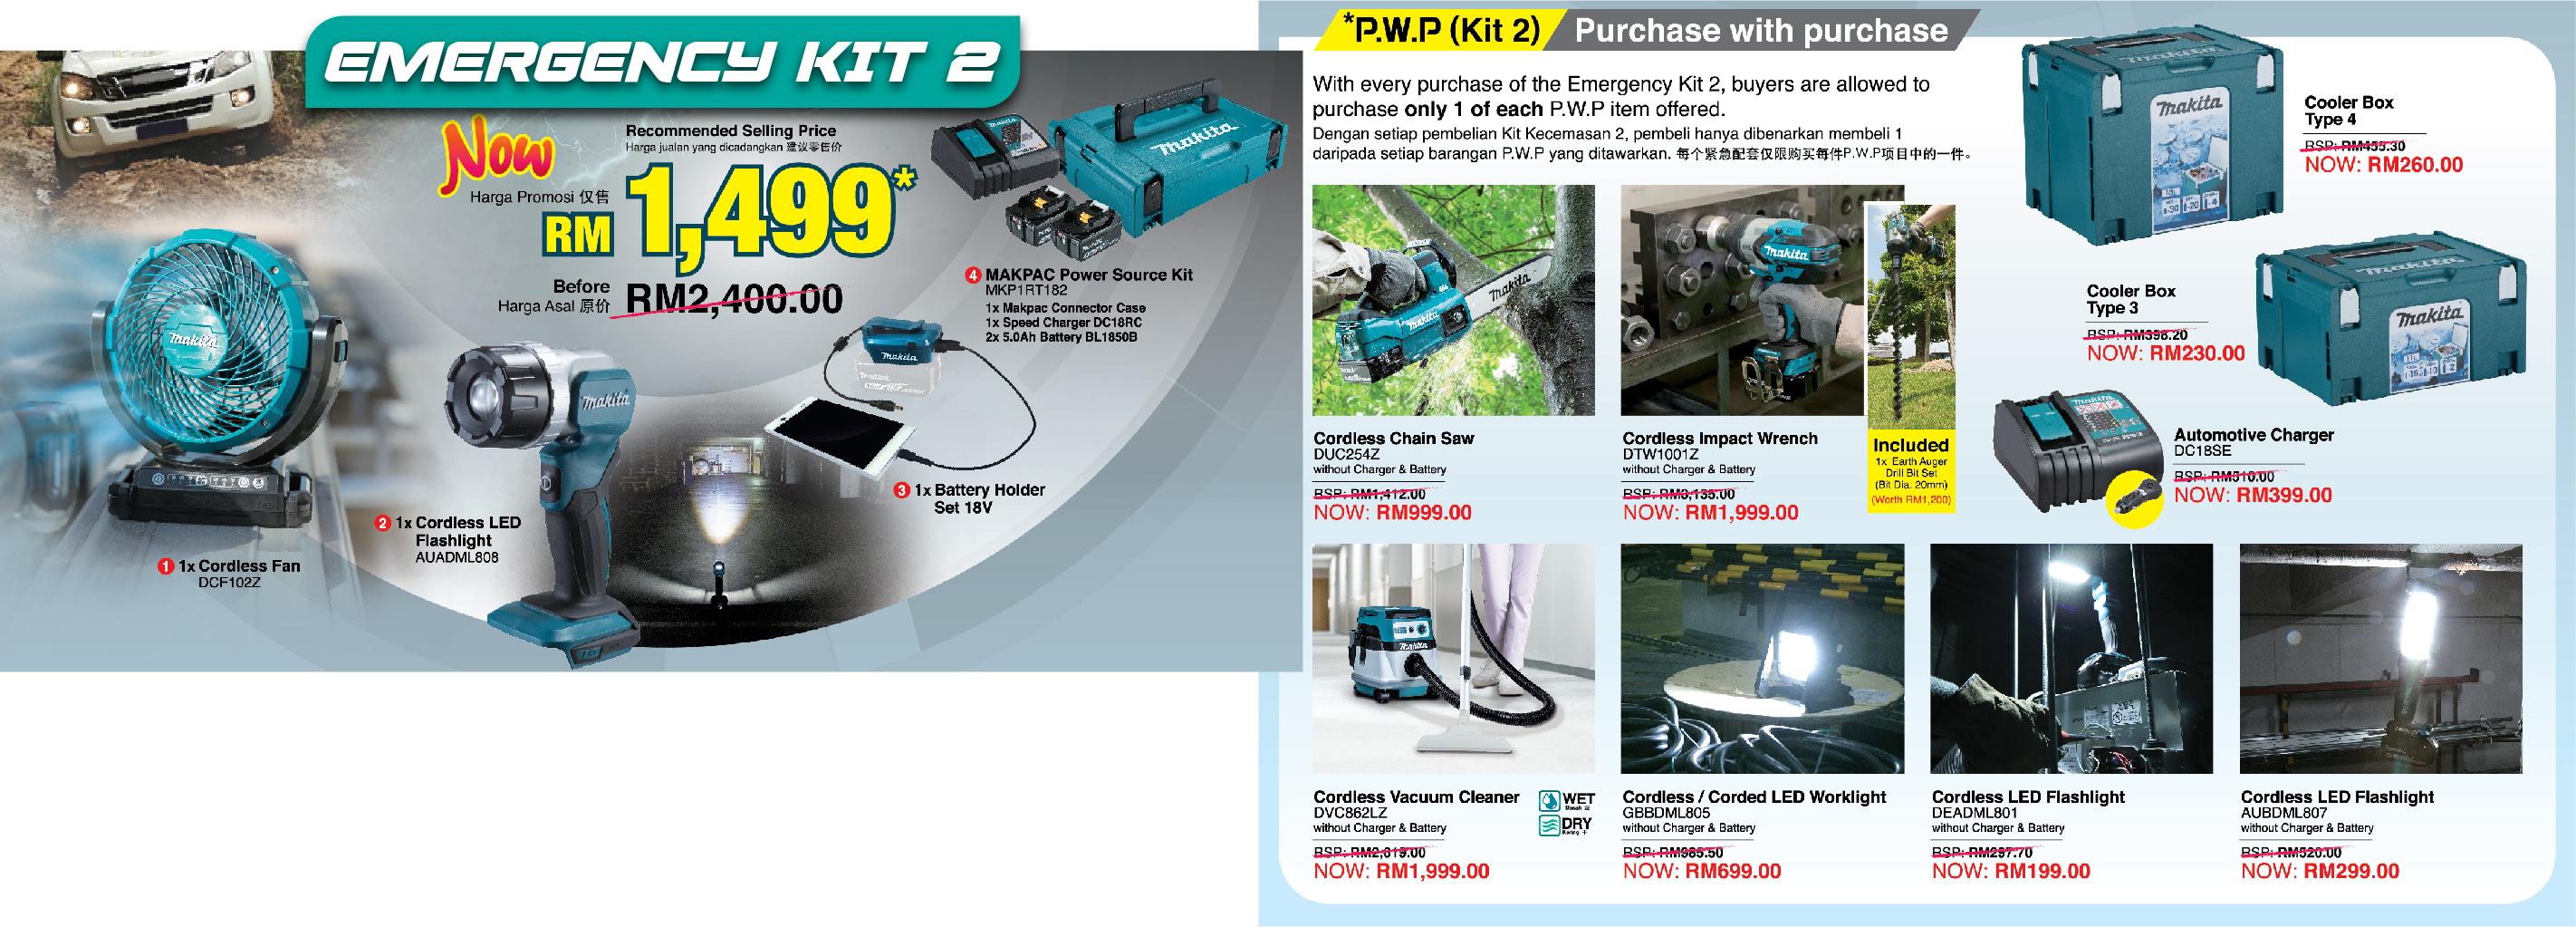 Makita Emergency Kit2 Offer